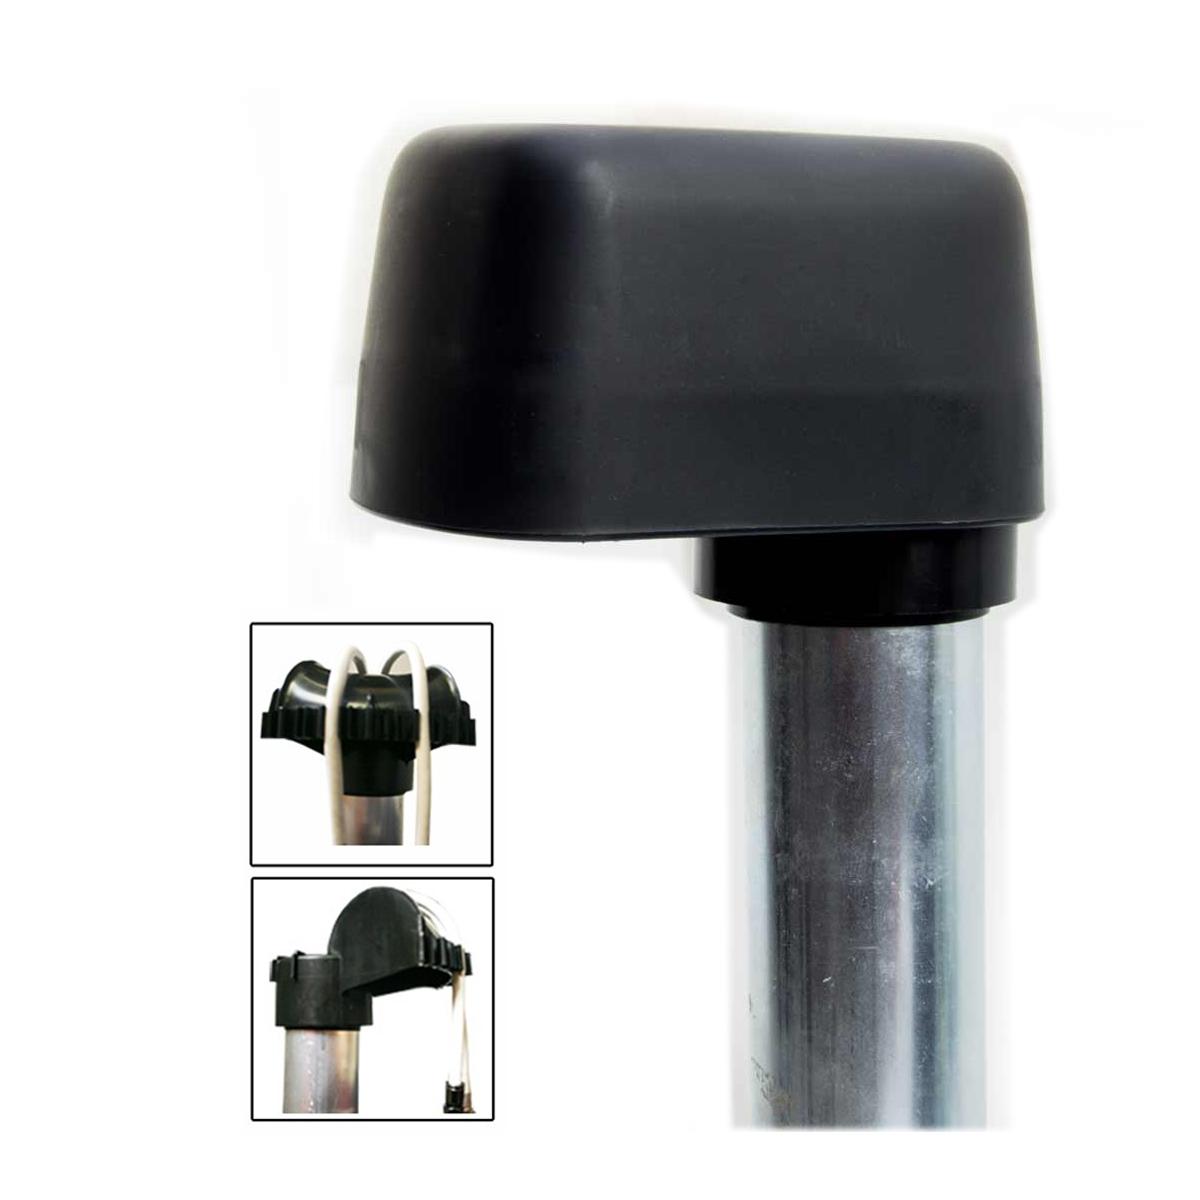 Mastkappe mit Kabeldurchführung groß passend für Masten und Dachsparrenhalter mit 48 mm und 60 mm Durchmesser SAT + SAT Kabelclip